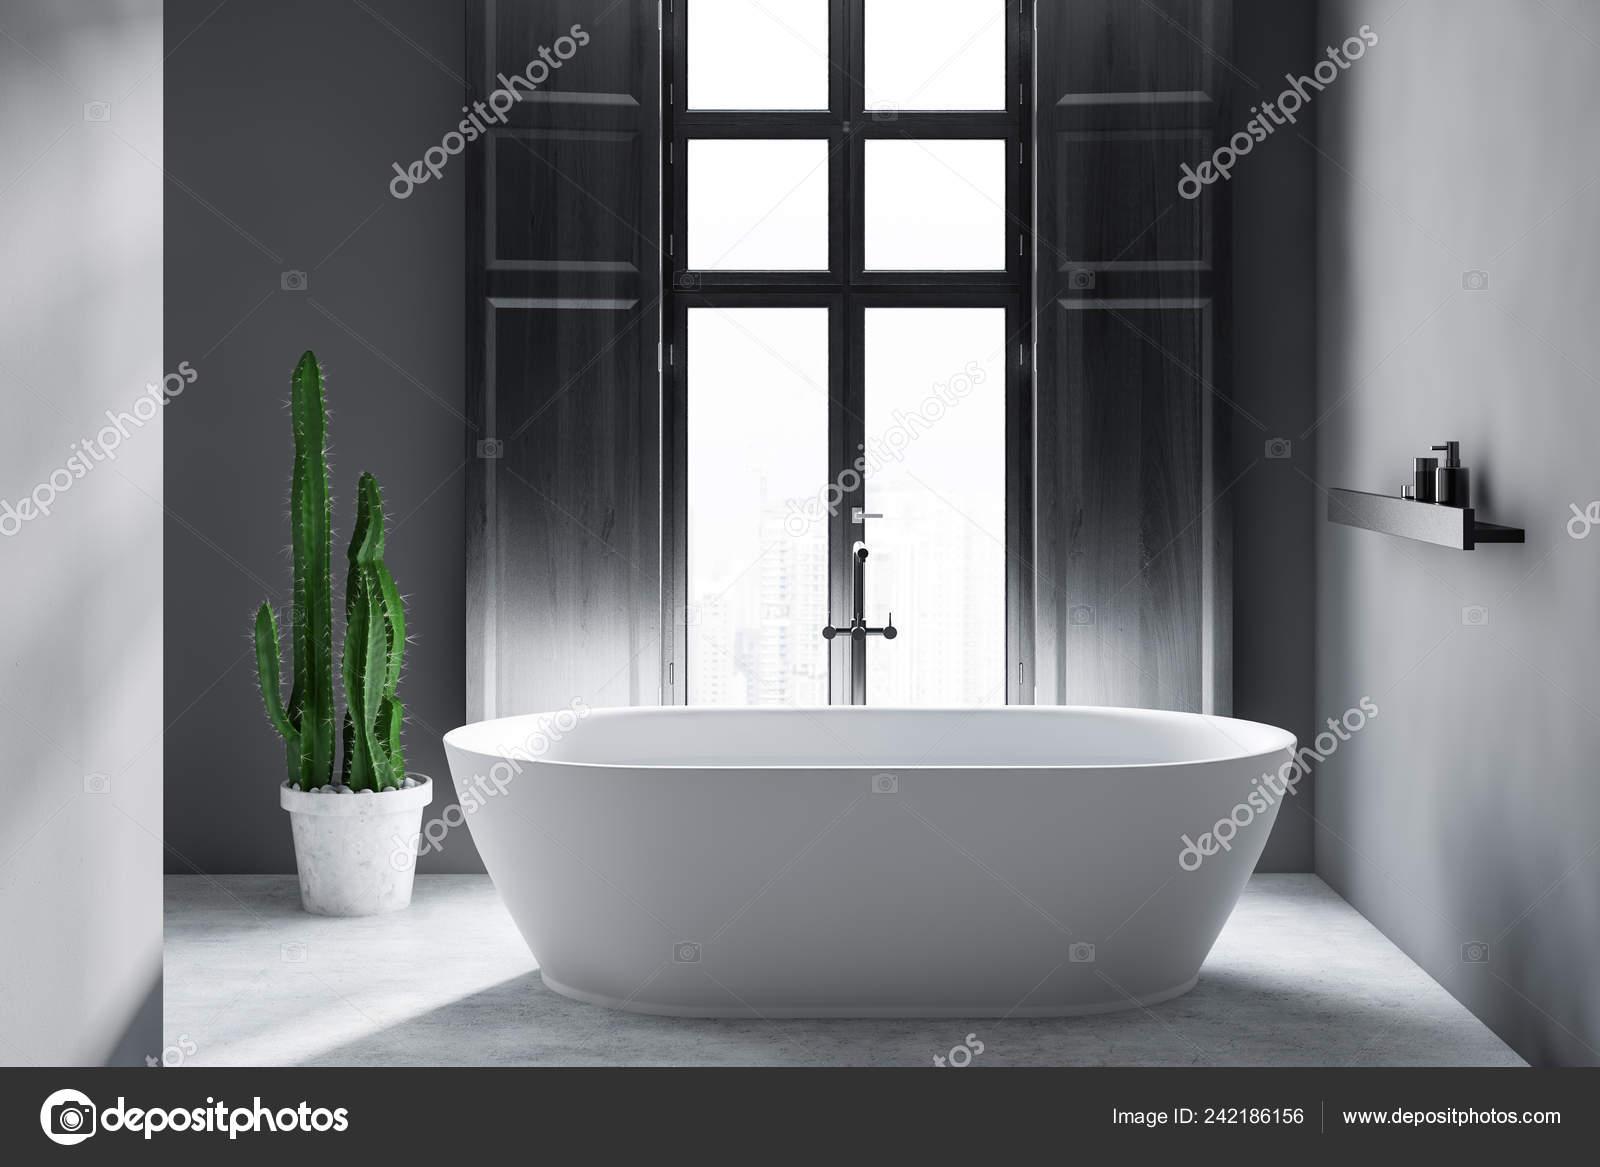 Interior Minimalistic Bathroom Gray Walls Concrete Floor